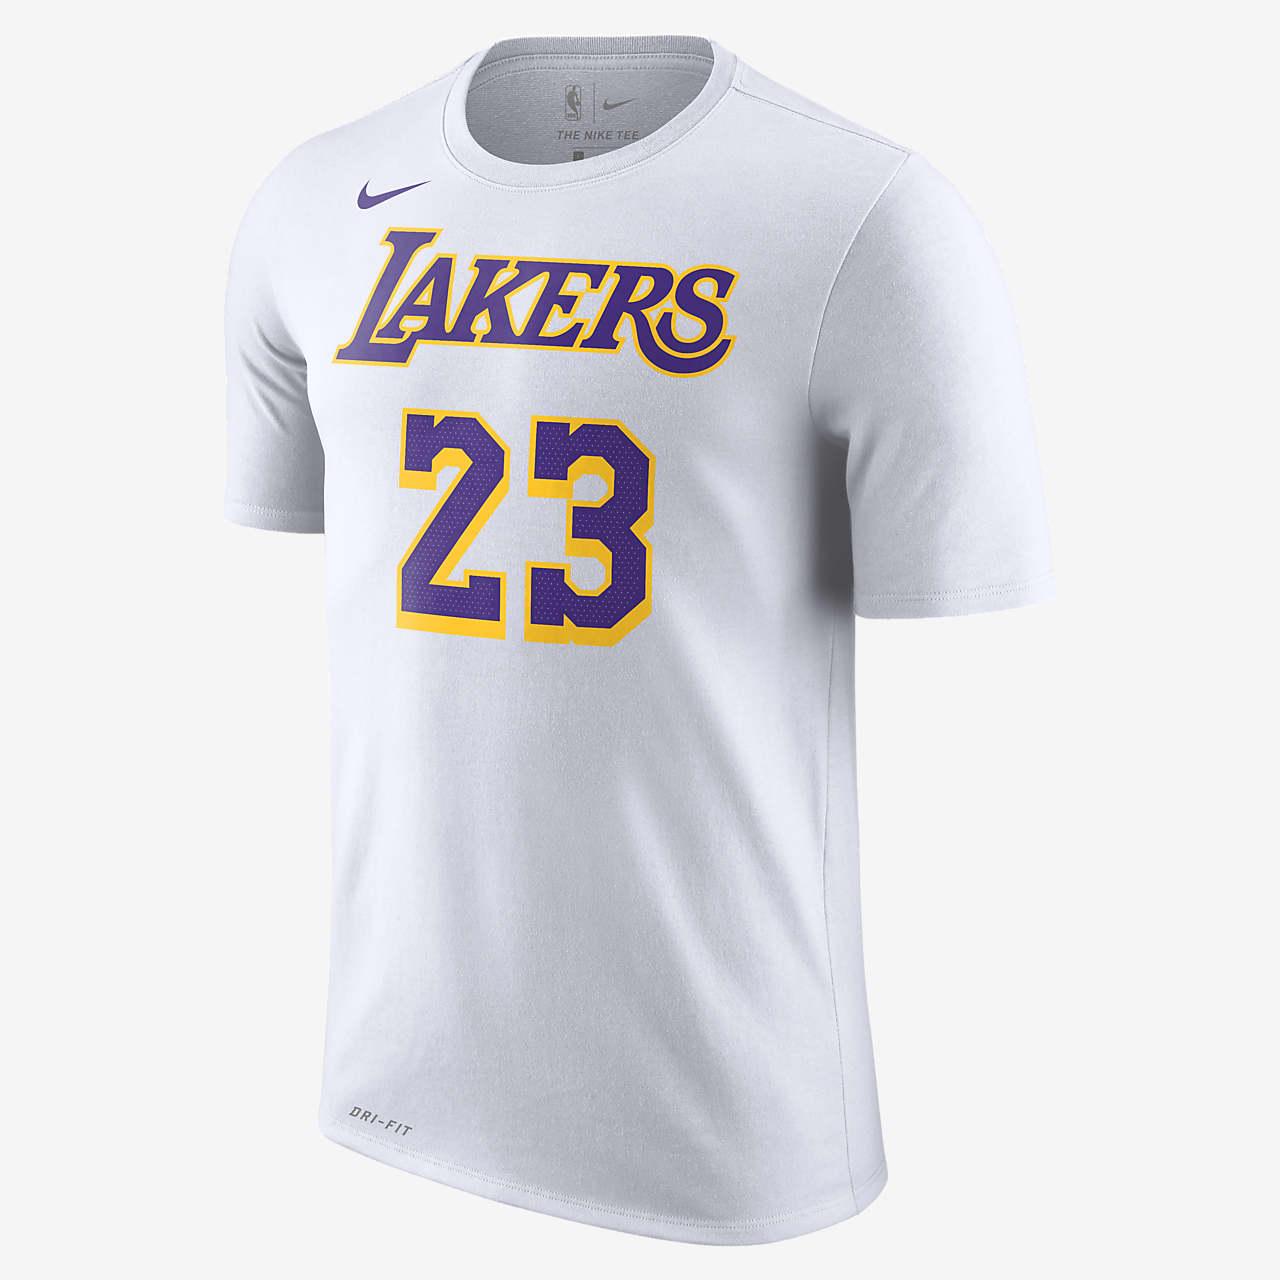 洛杉矶湖人队 (LeBron James)Nike Dri-FITNBA男子T恤